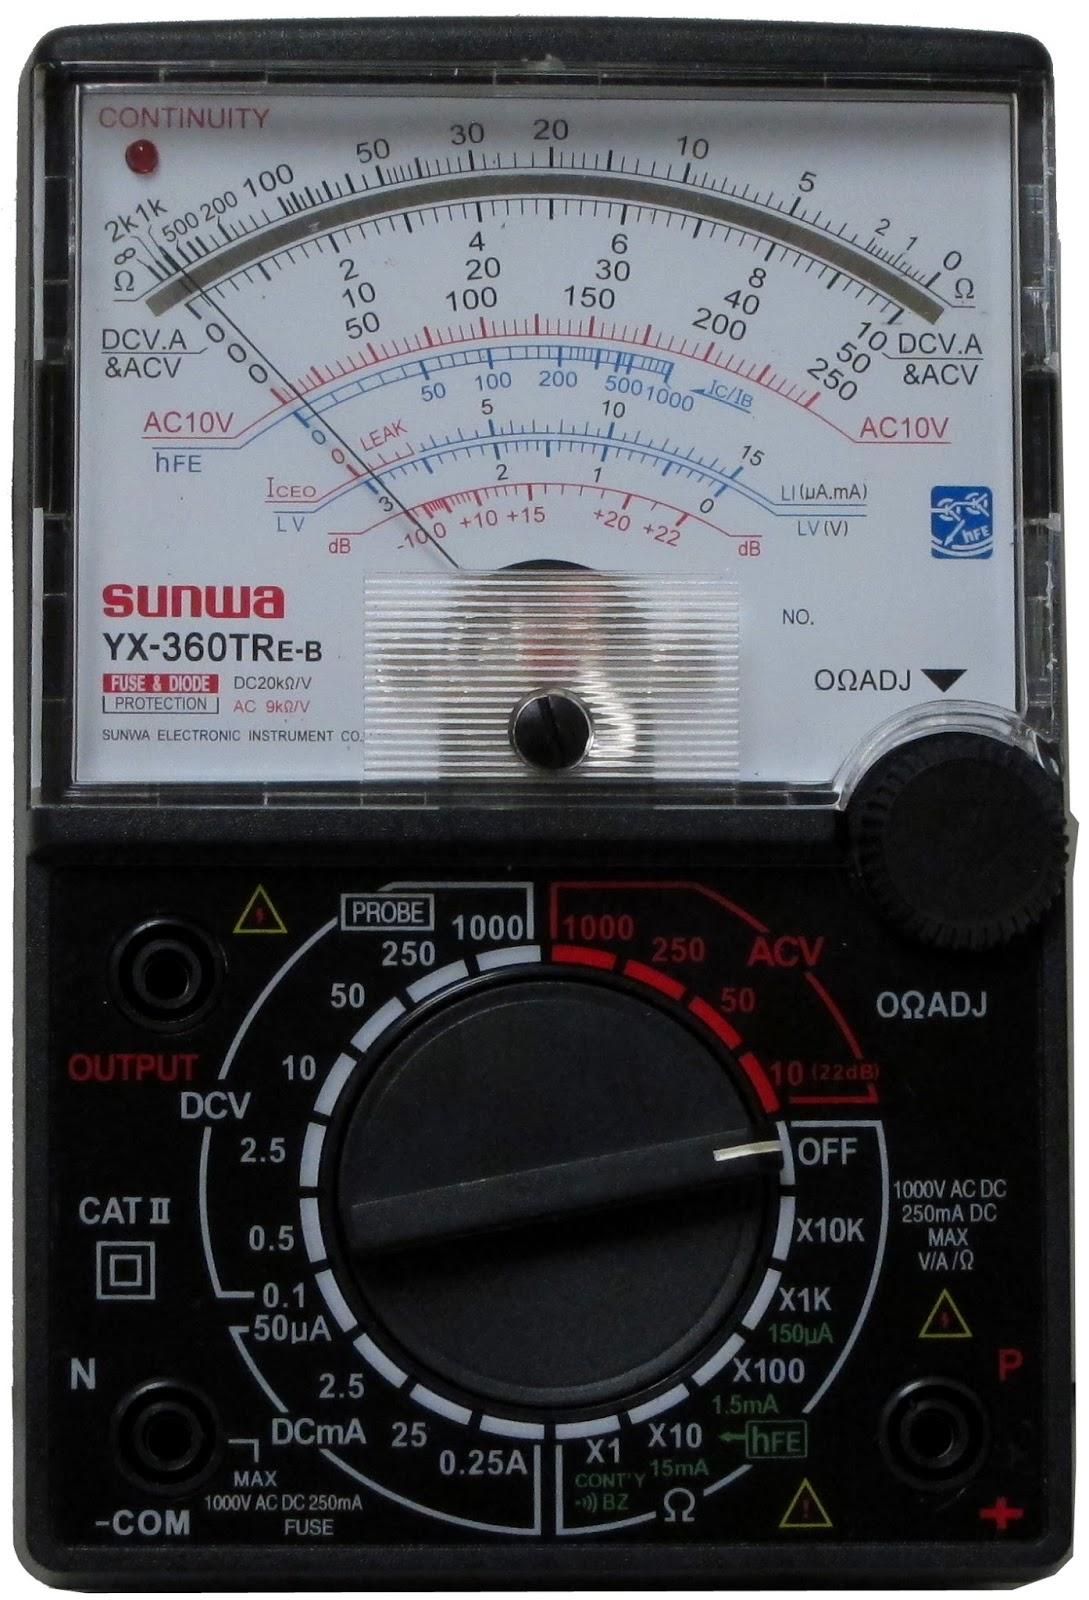 Alat Untuk Mengukur Tegangan Listrik : untuk, mengukur, tegangan, listrik, Ukur:, Multimeter, Tegangan, Tahanan, Listrik